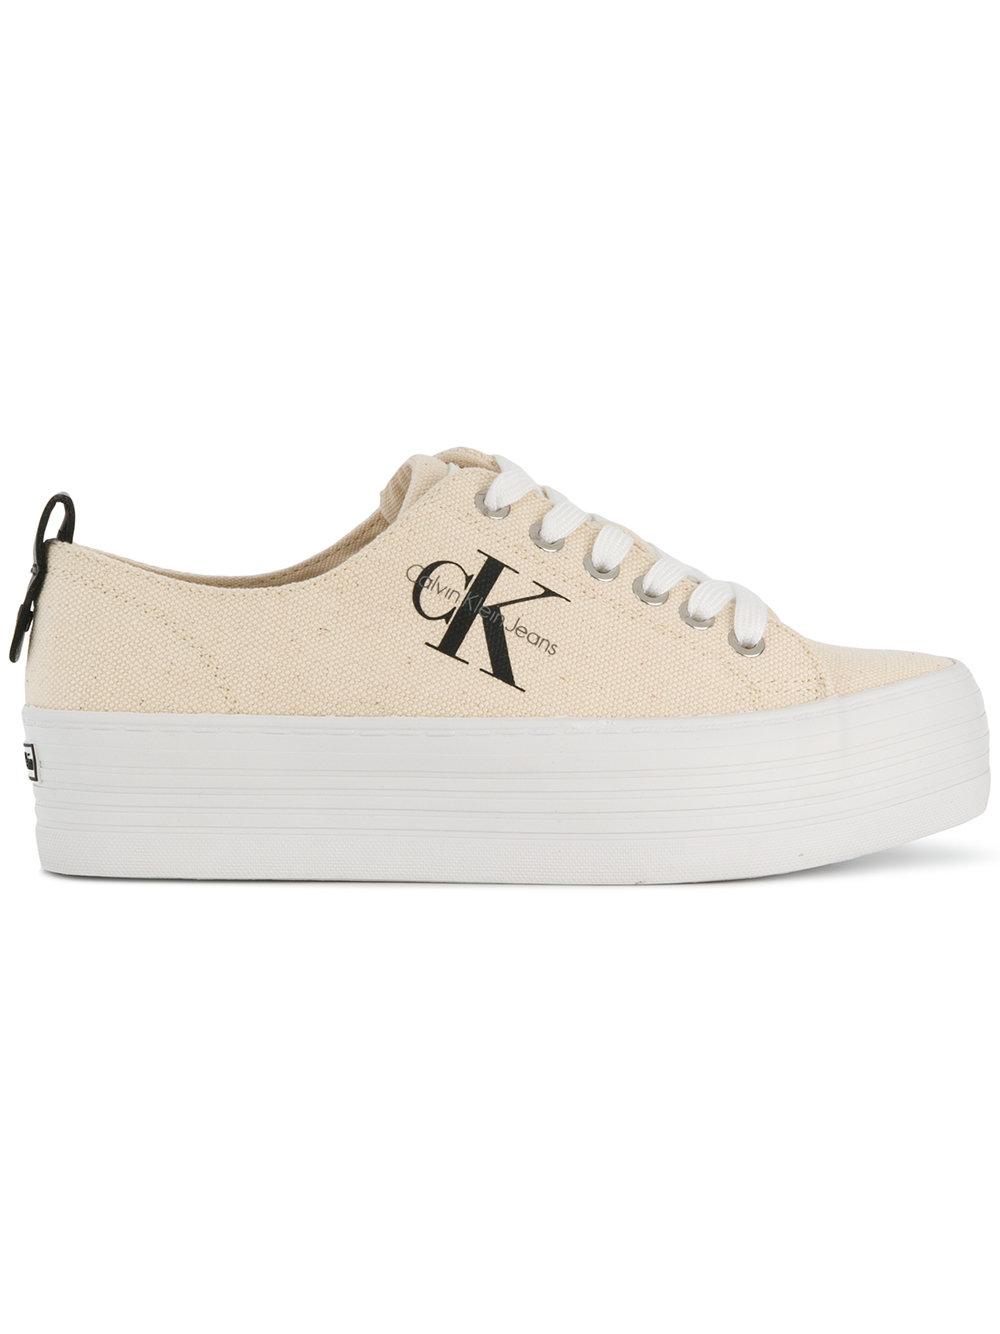 4191dd180b9 Calvin Klein Jeans flatform sneakers - Neutrals - Glami.cz